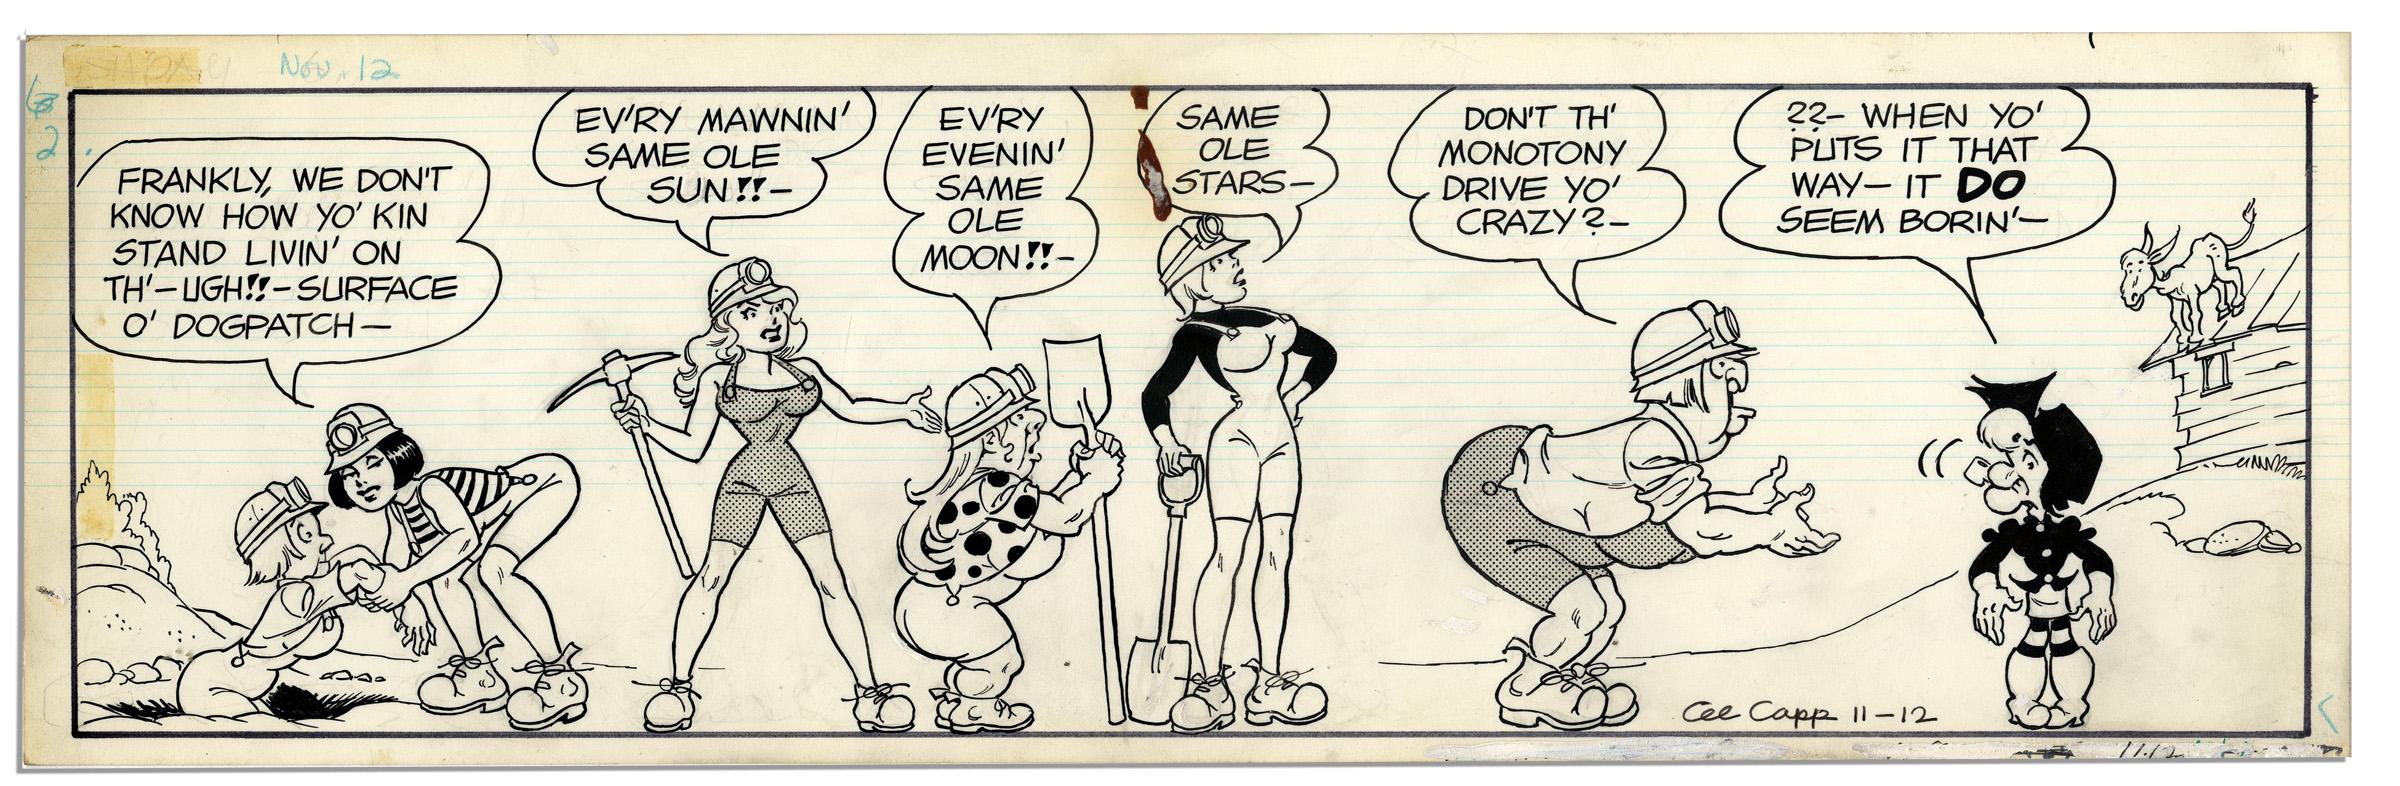 Comic strip with mammy yokum